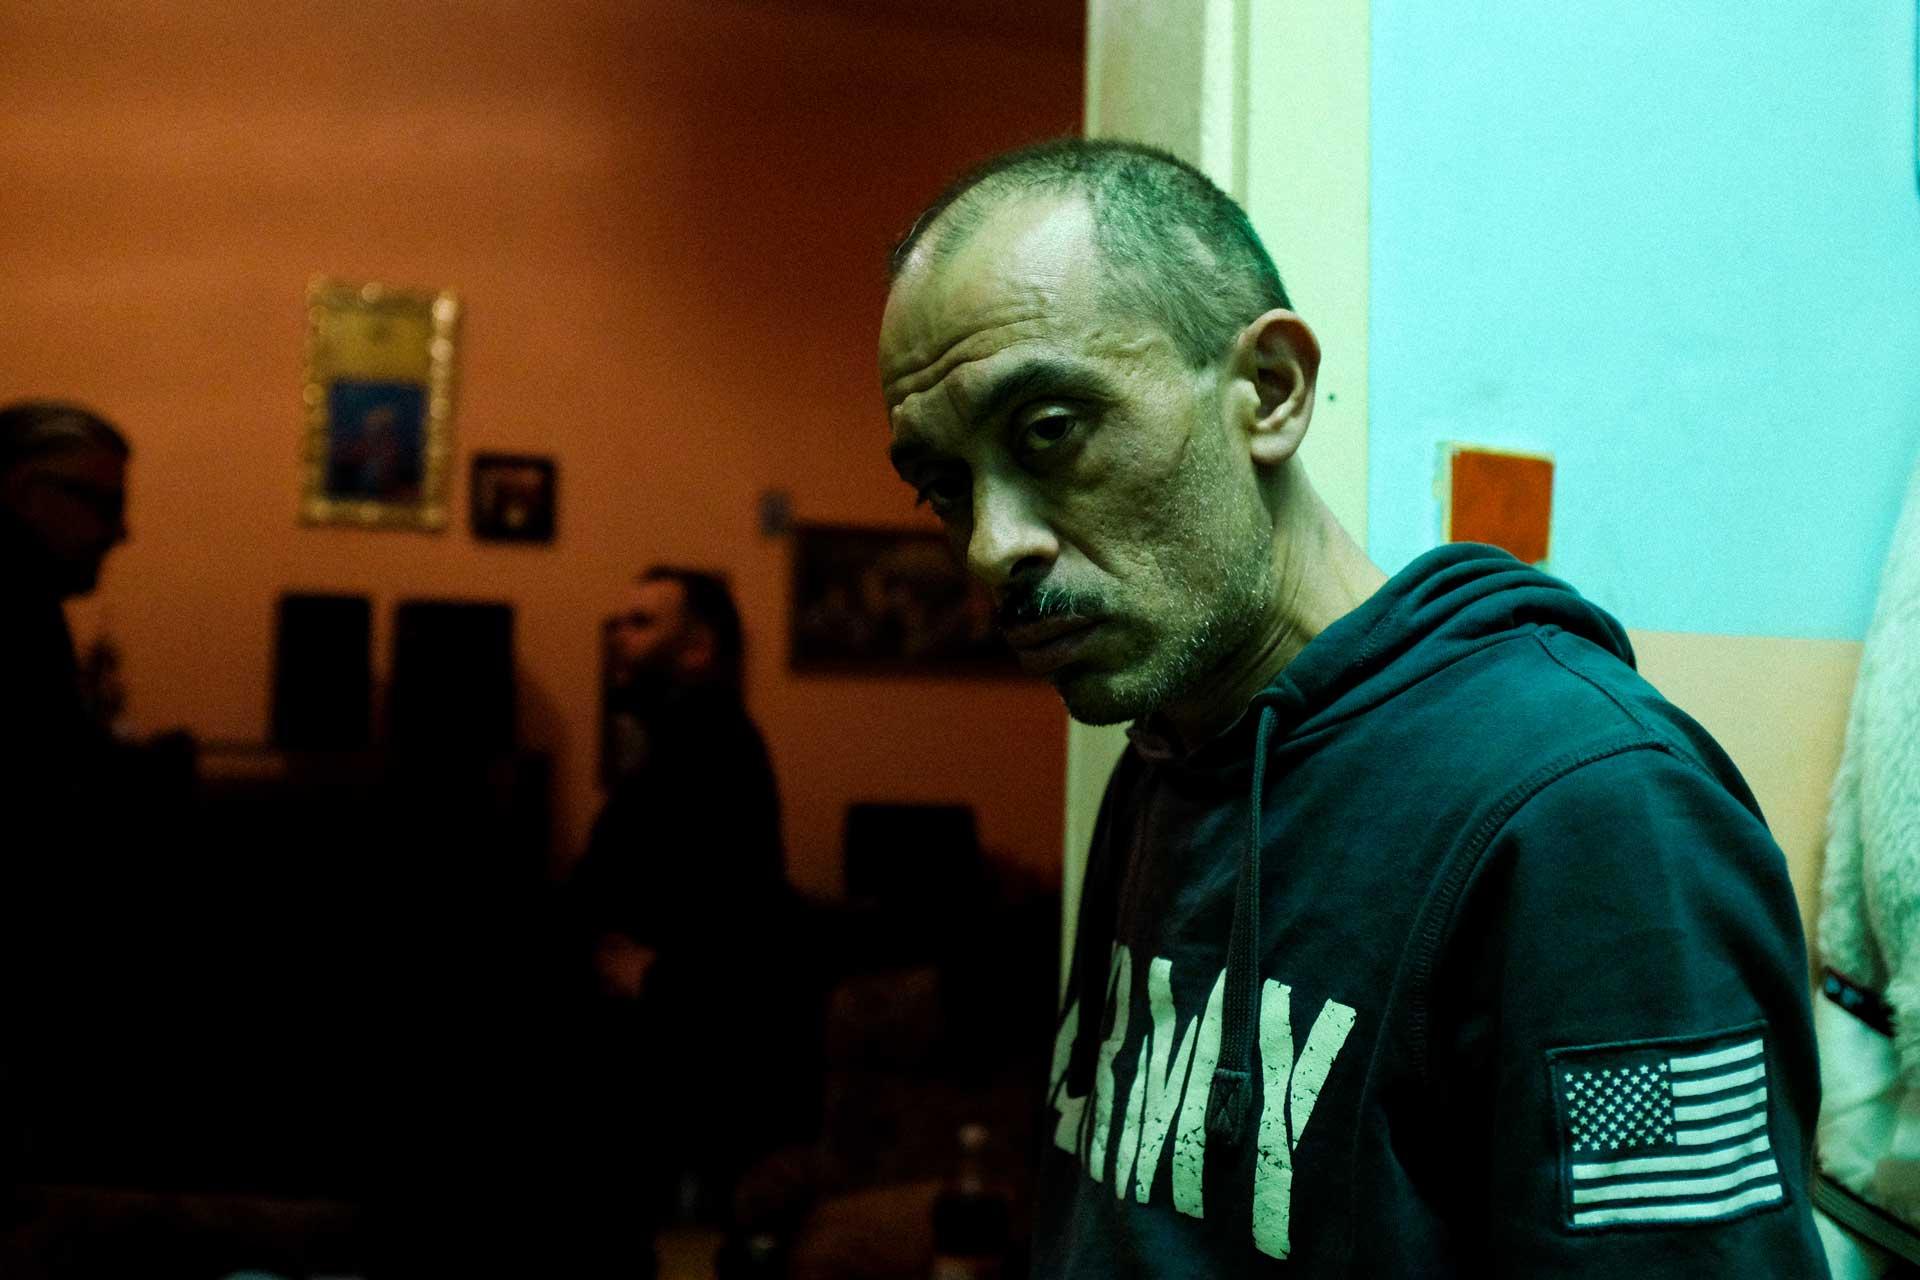 david hofmann cinematographer photo 22